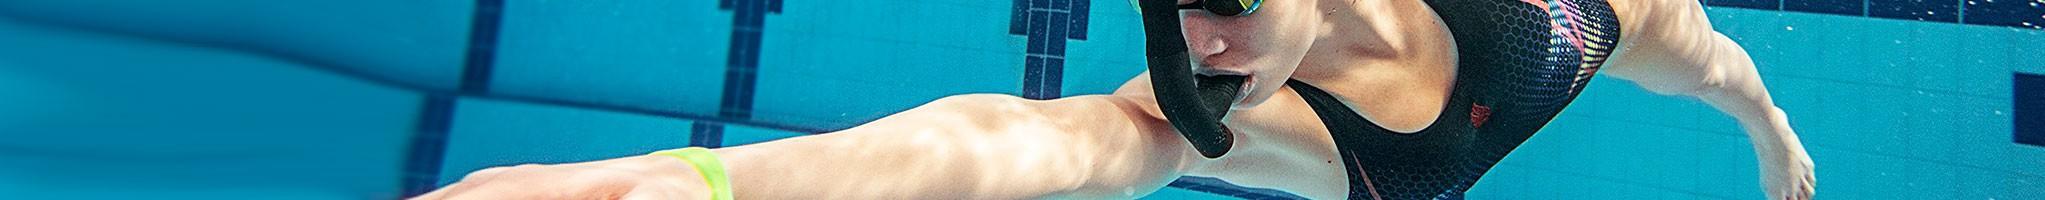 Equipo para entrenar natación